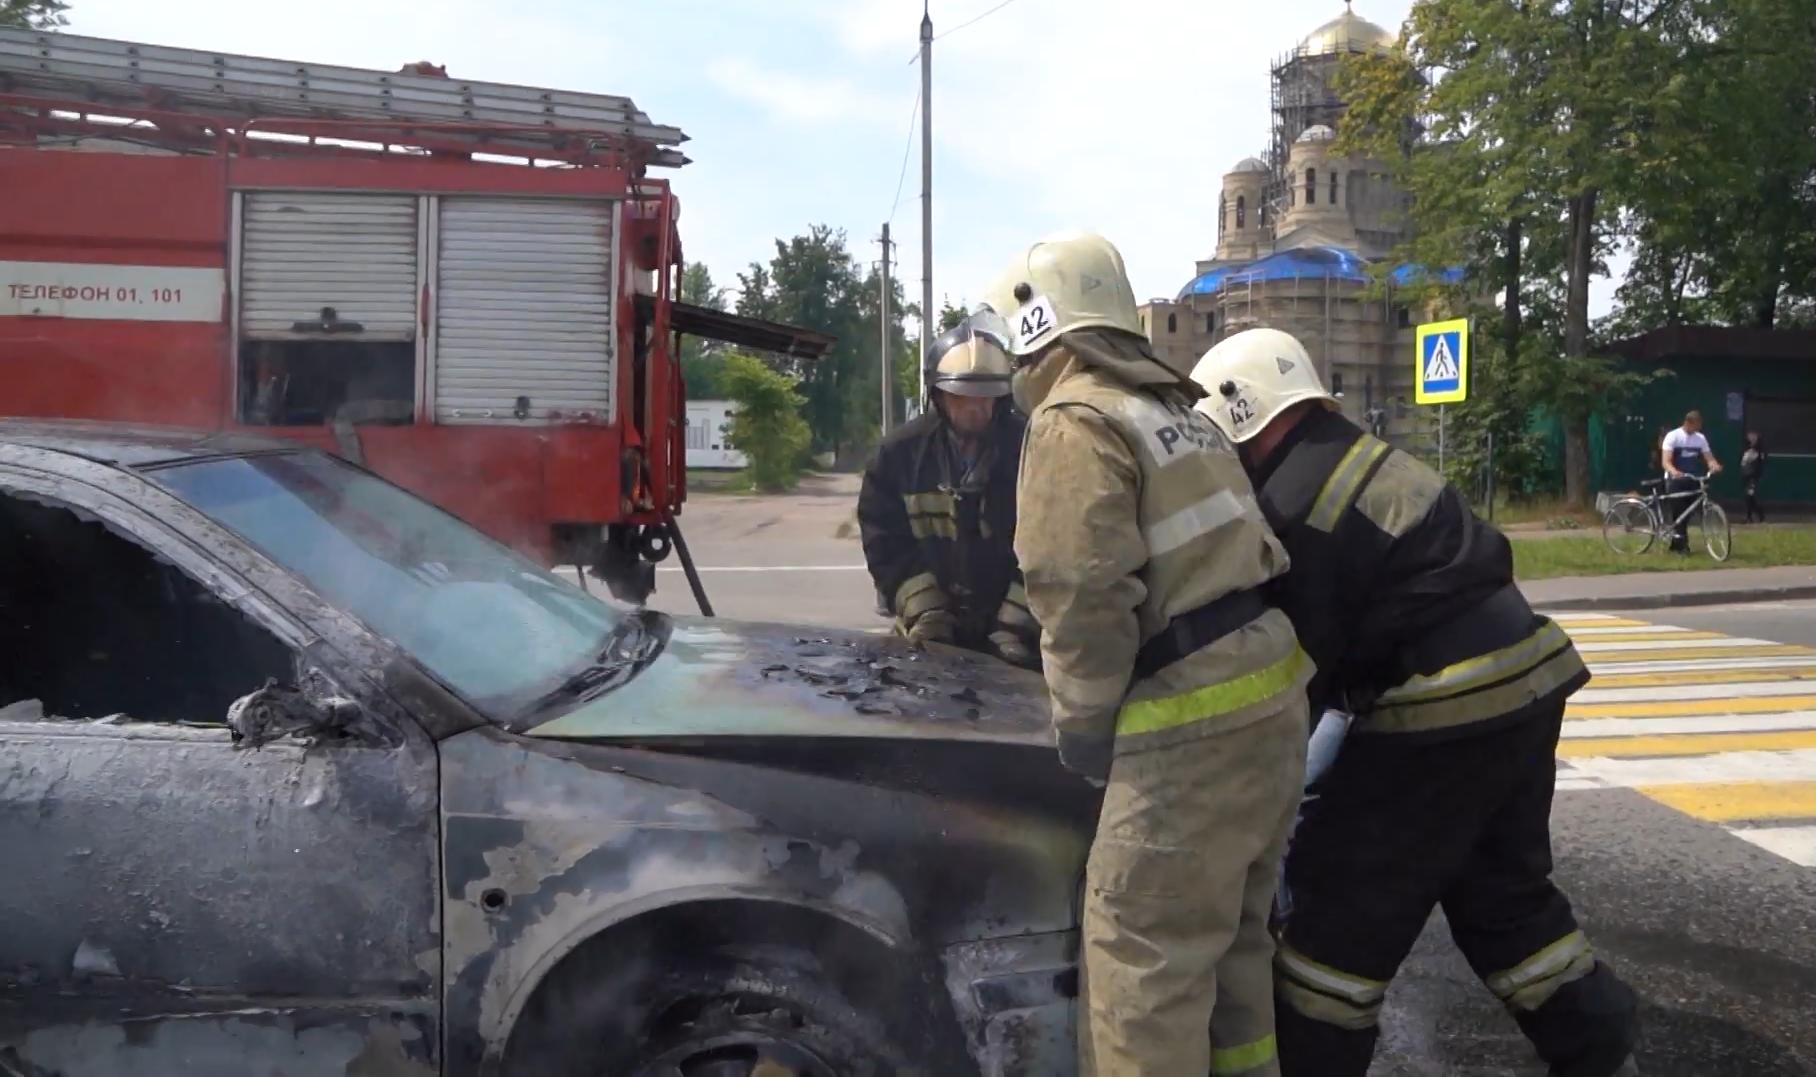 Появились подробности инцидента с иномаркой, которая загорелась в Тверской области